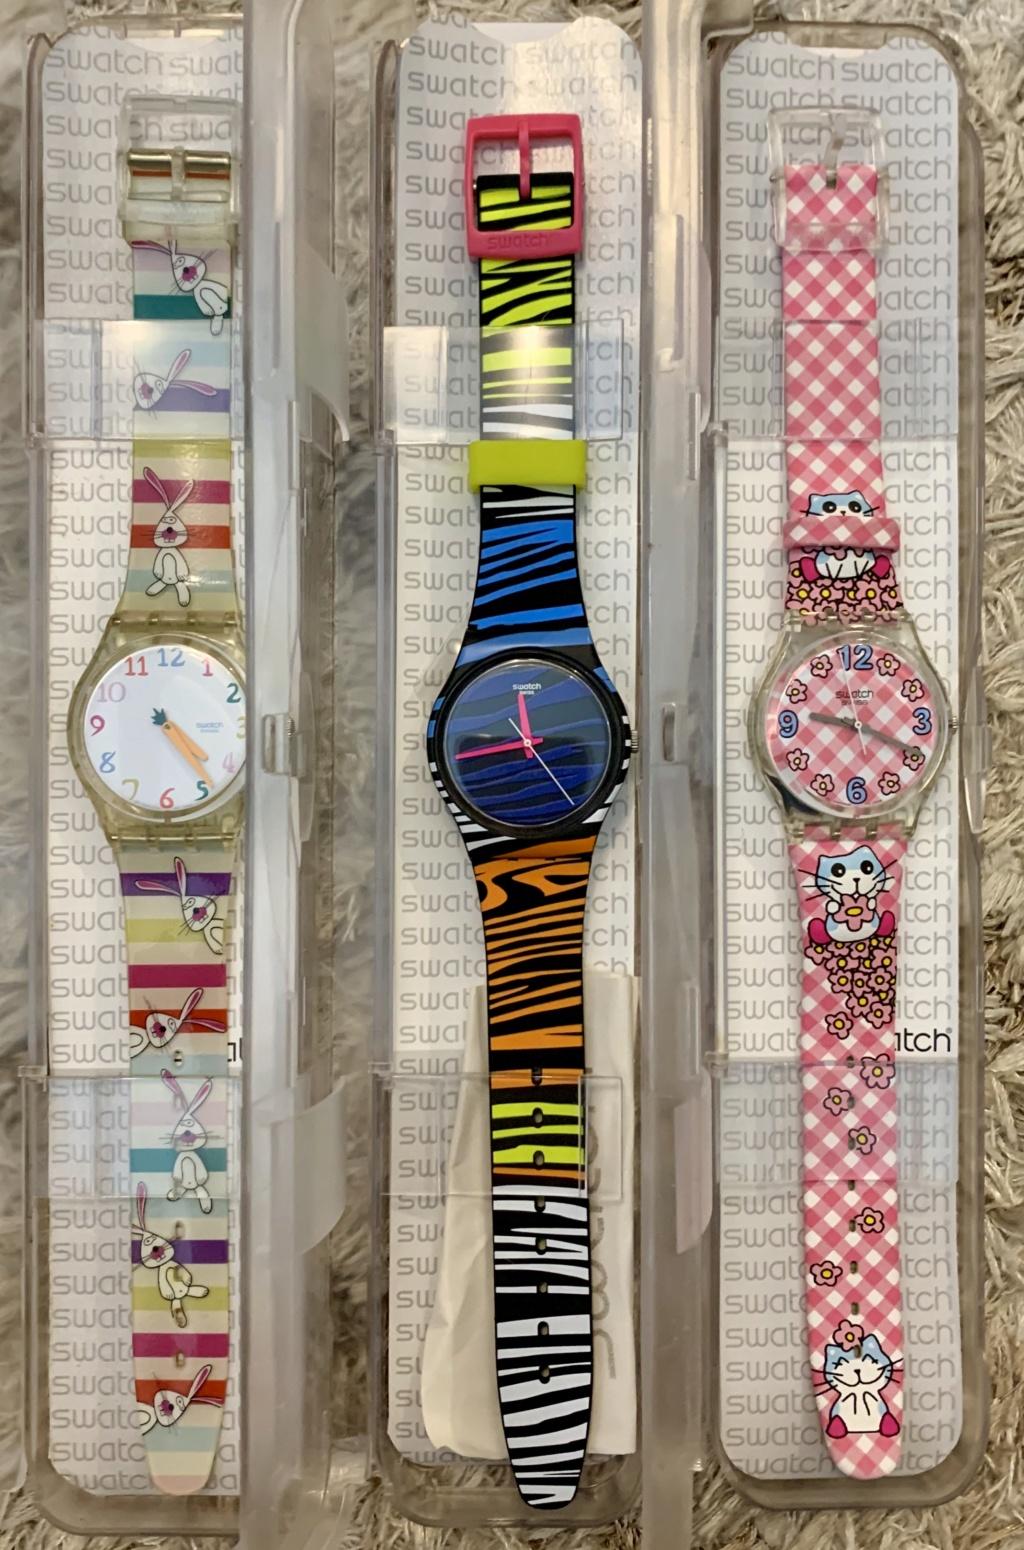 VENDUE - collection de Swatch 110